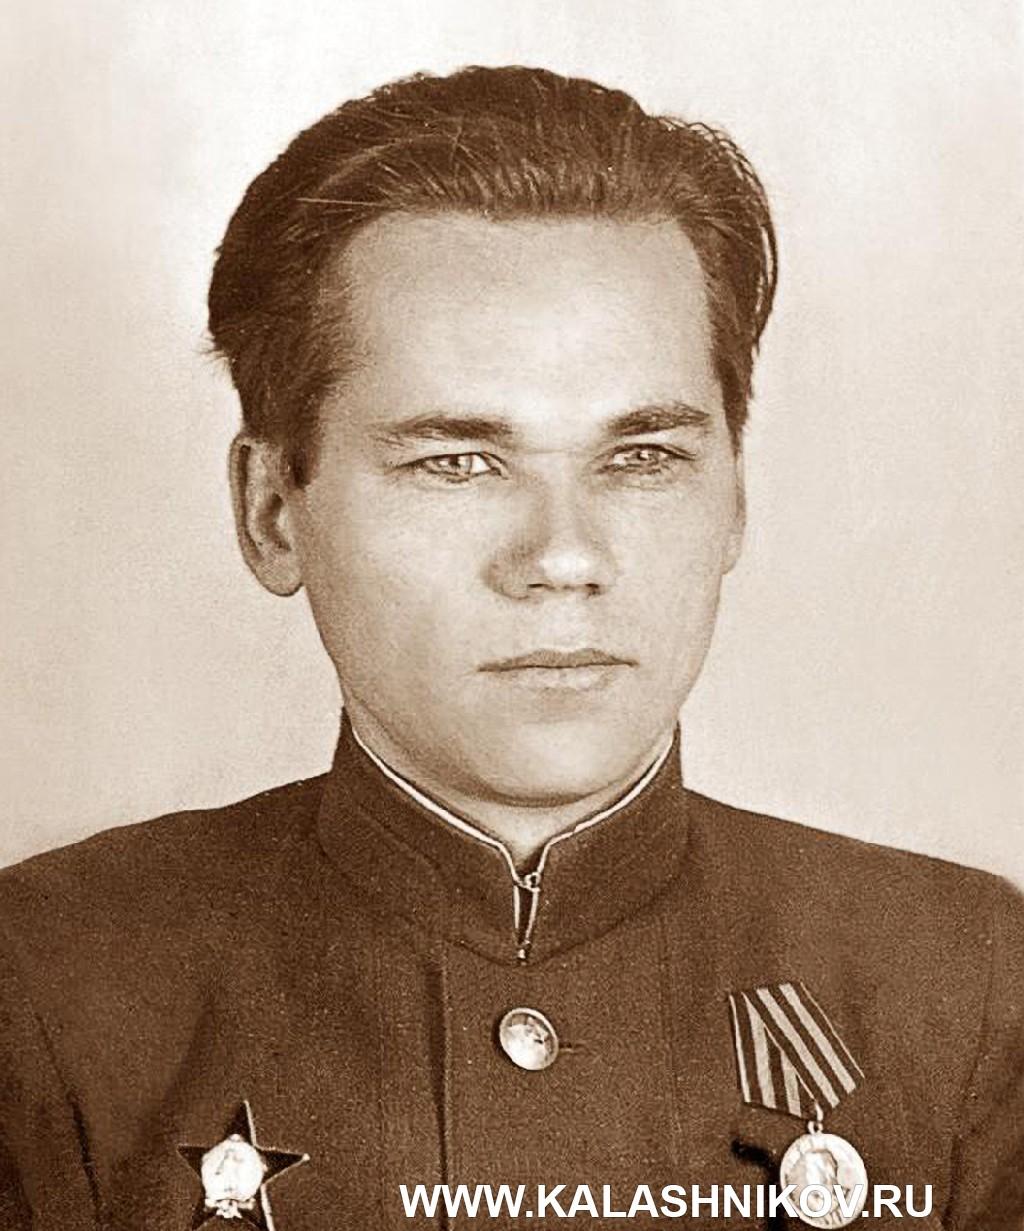 М. Т. Калашников. Фото из архивов